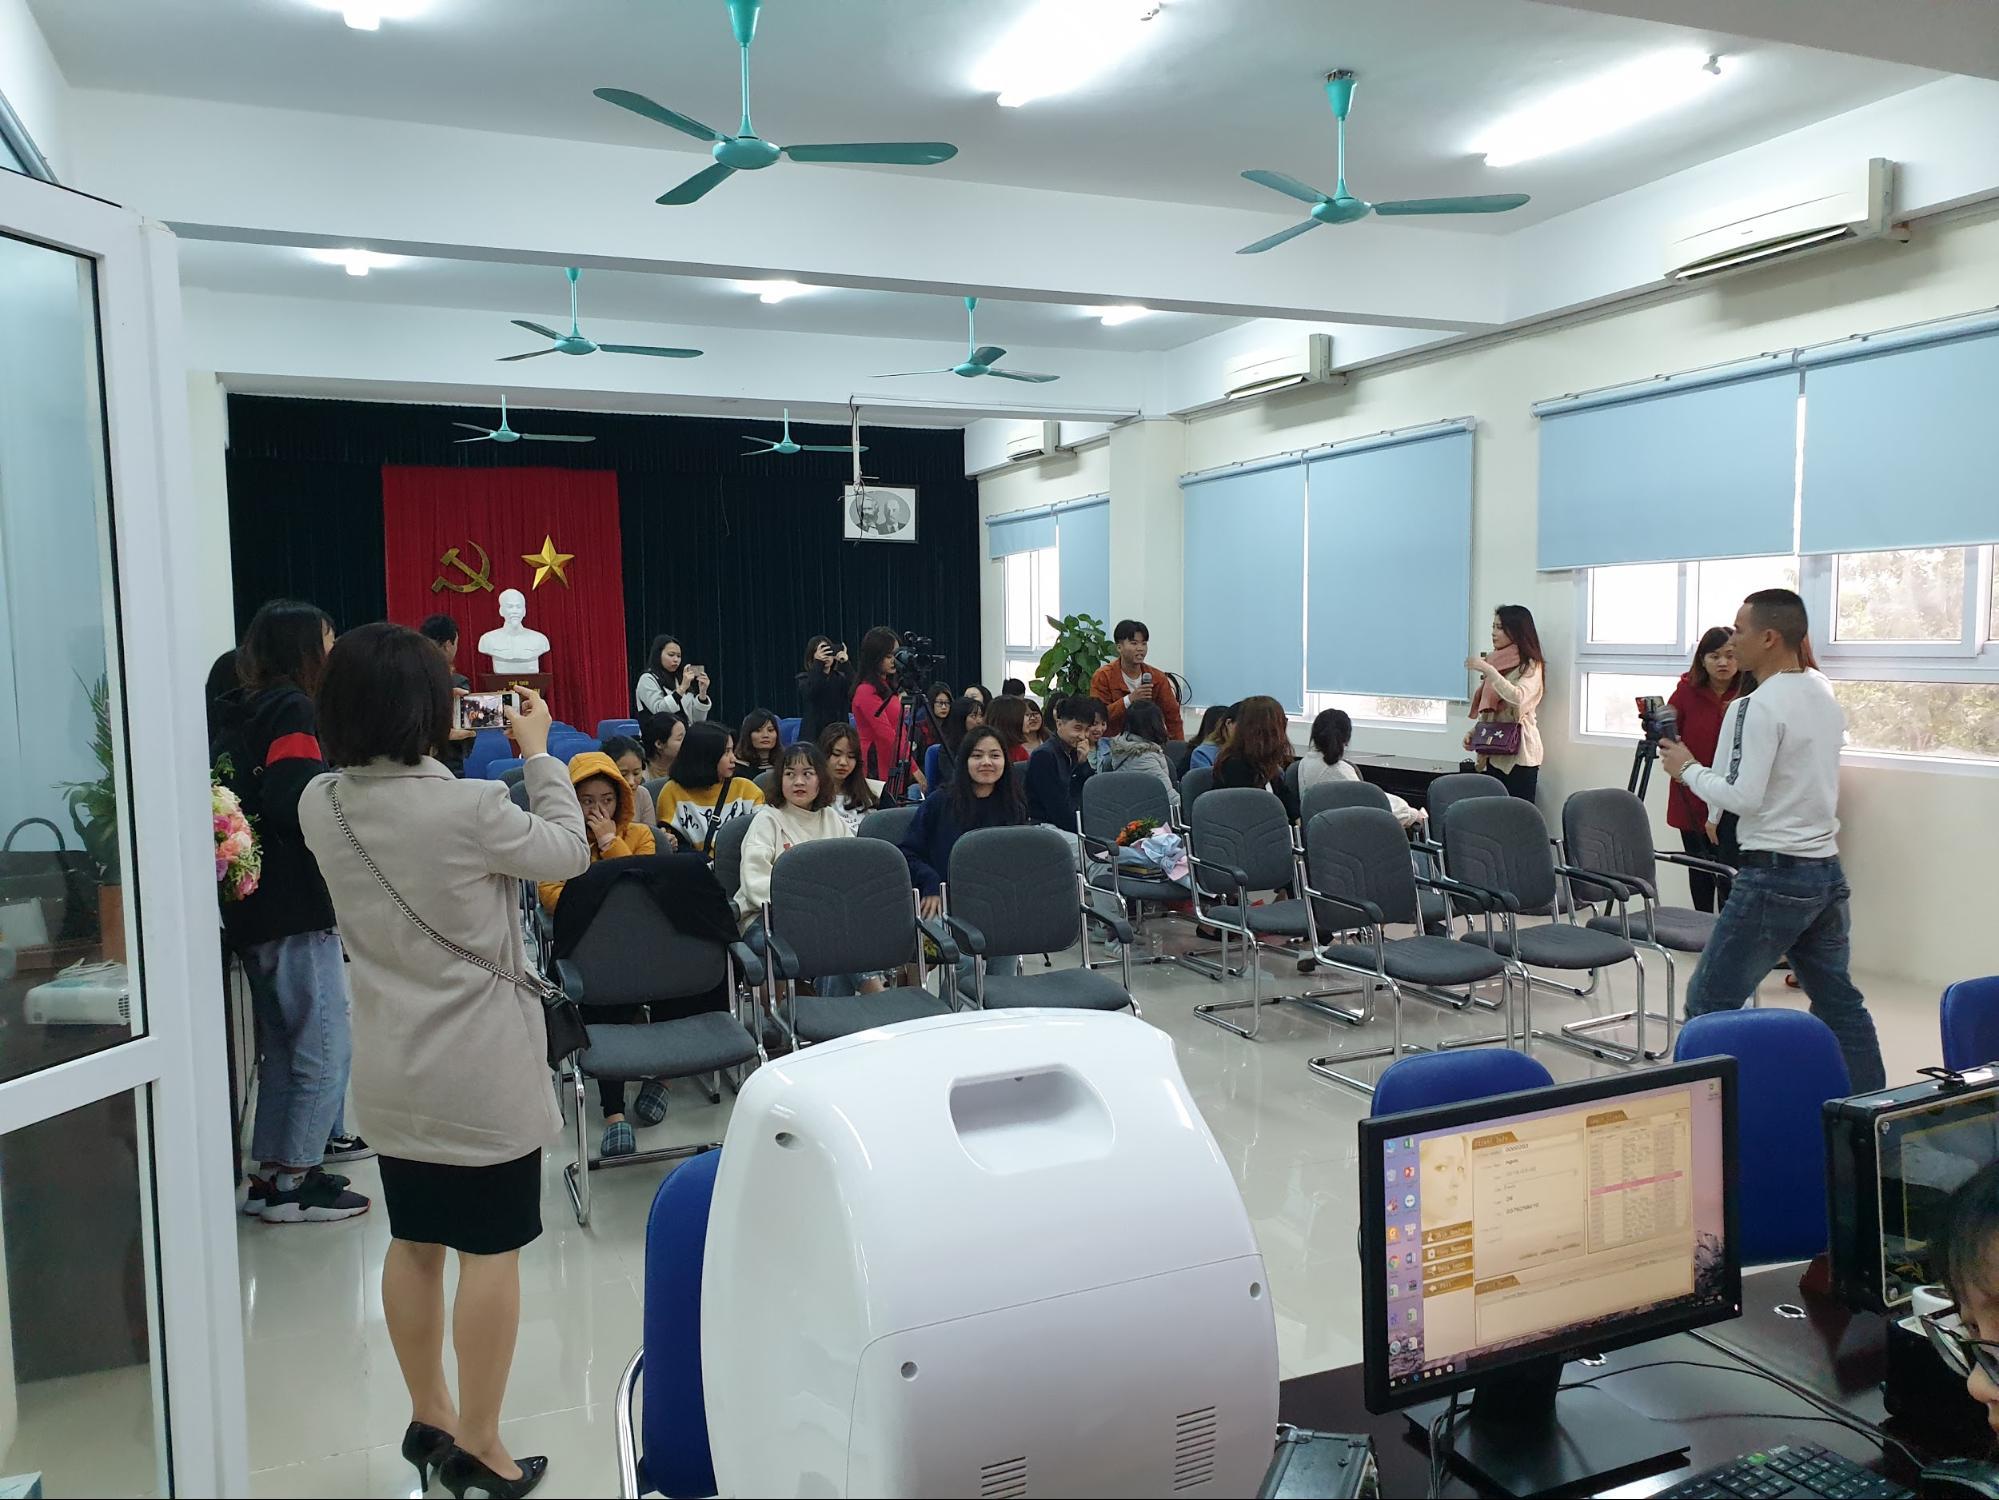 Sinh viên đến tham dự sự kiện Vì vẻ đẹp của một nửa thế giới do Công ty CP Nghiên cứu Da liễu Đông y Việt Nam tổ chức